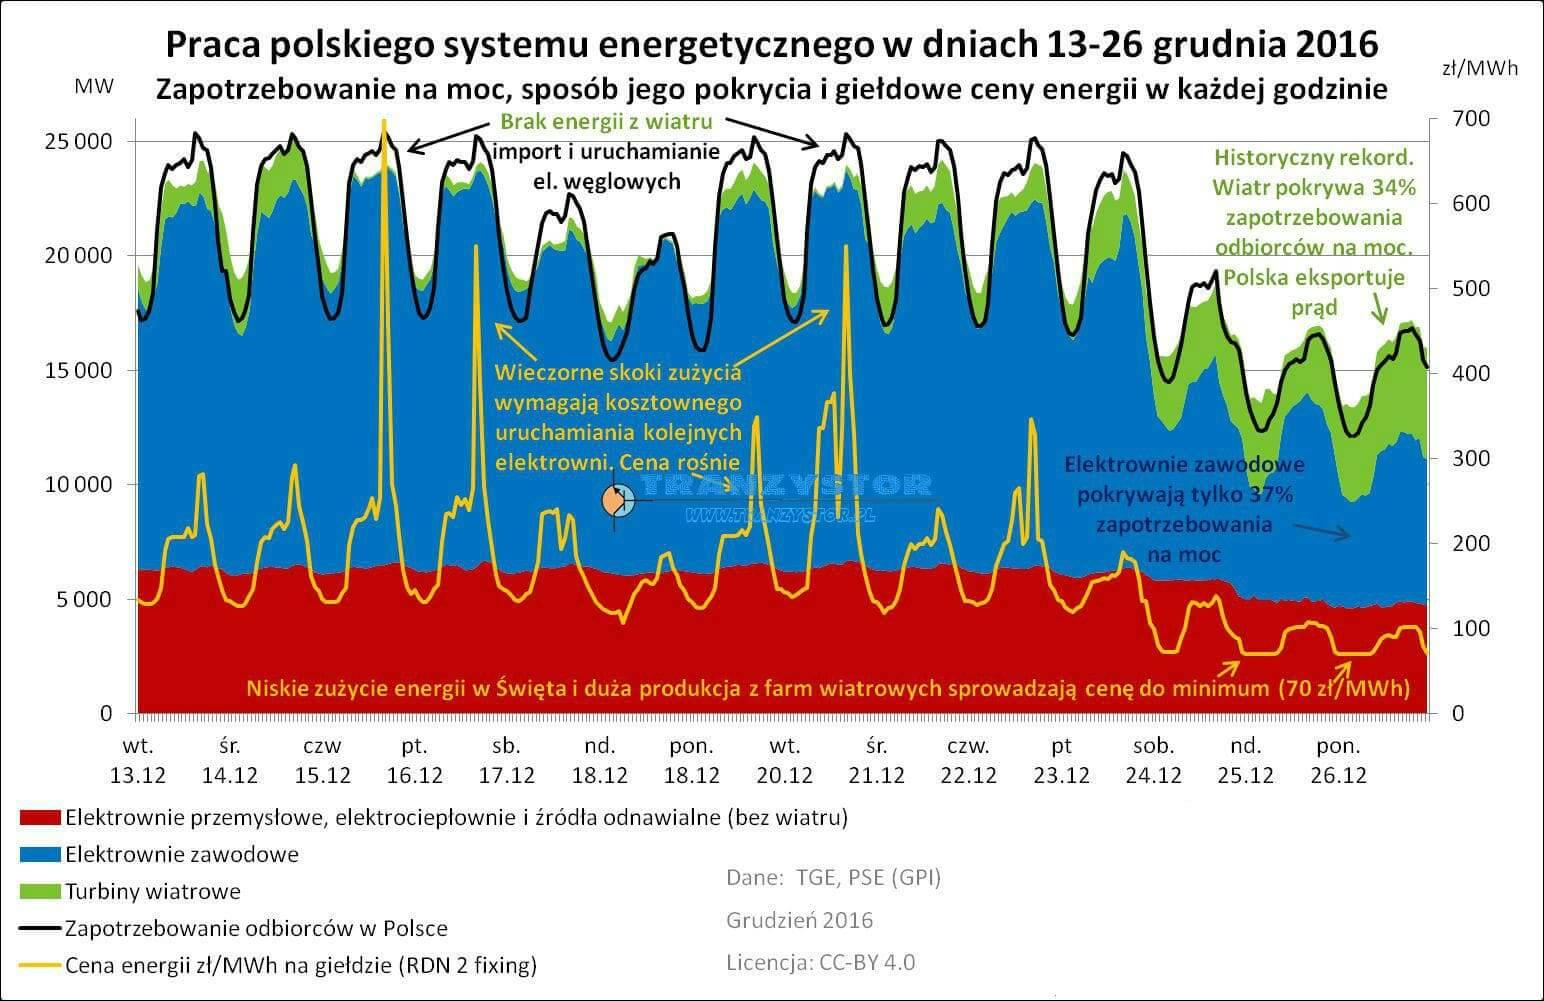 statystyki energetyki w polsce